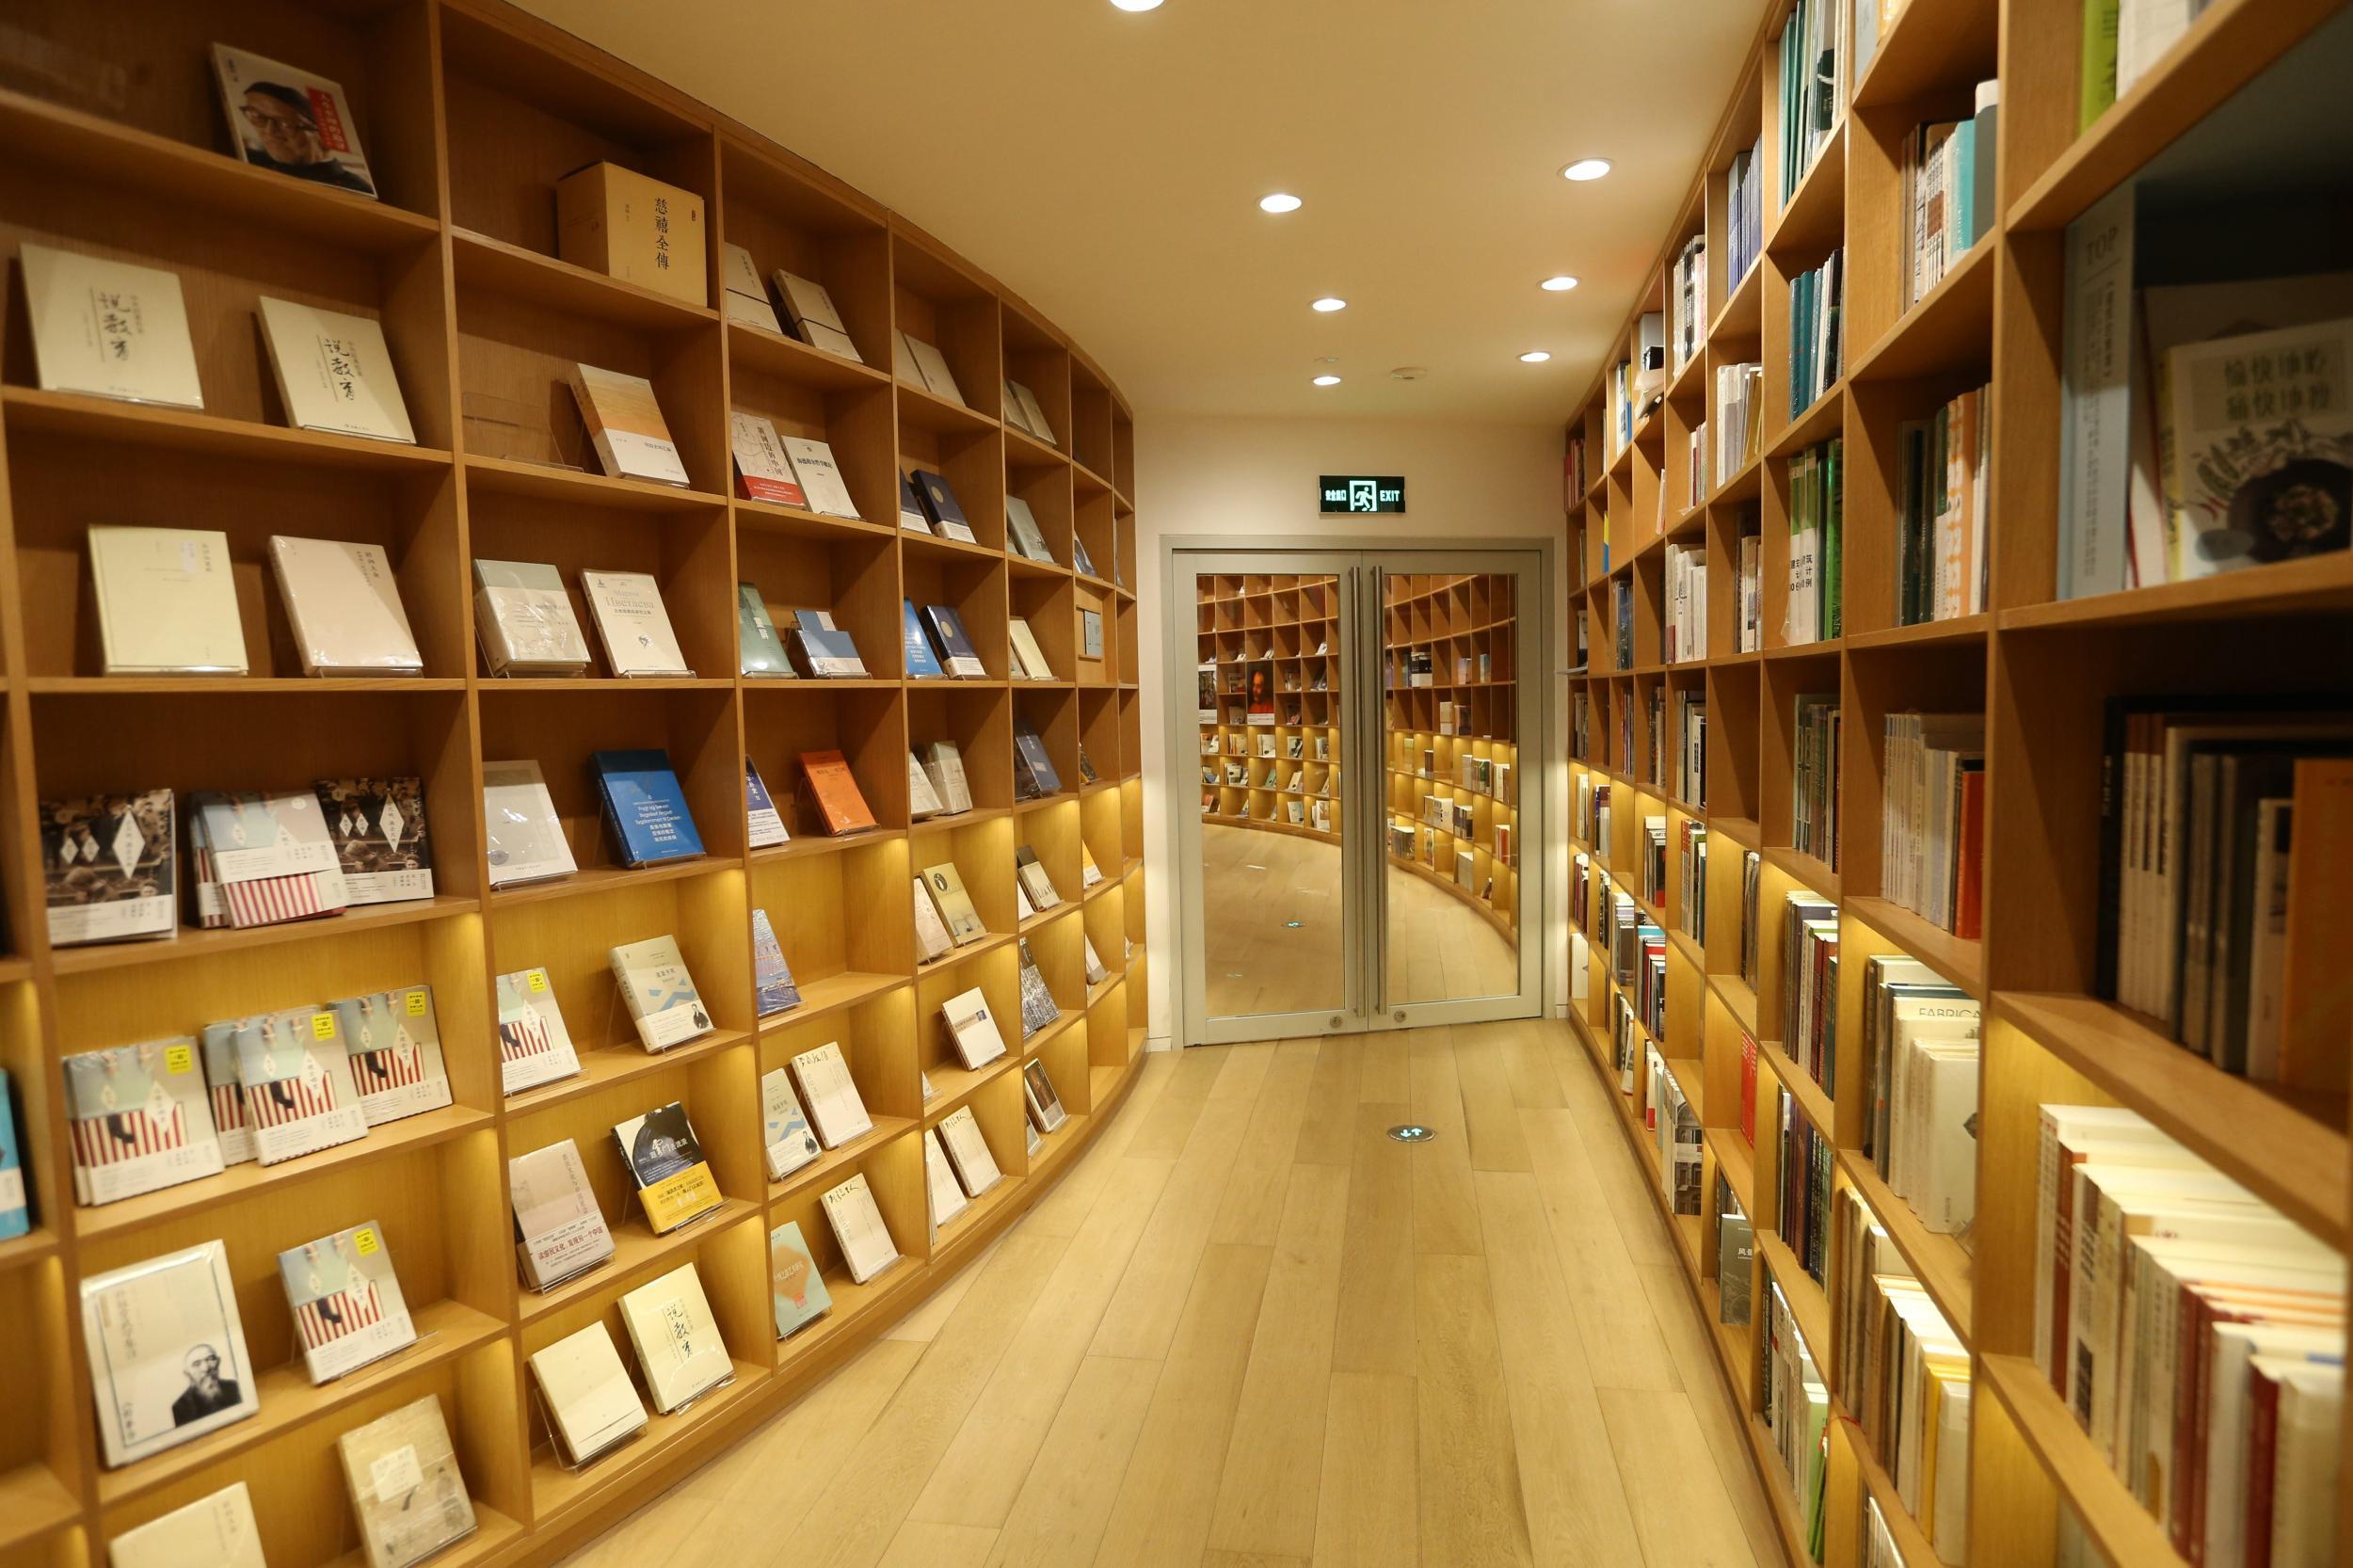 新华书店也能刷脸支付 全省40家新华书店已用上